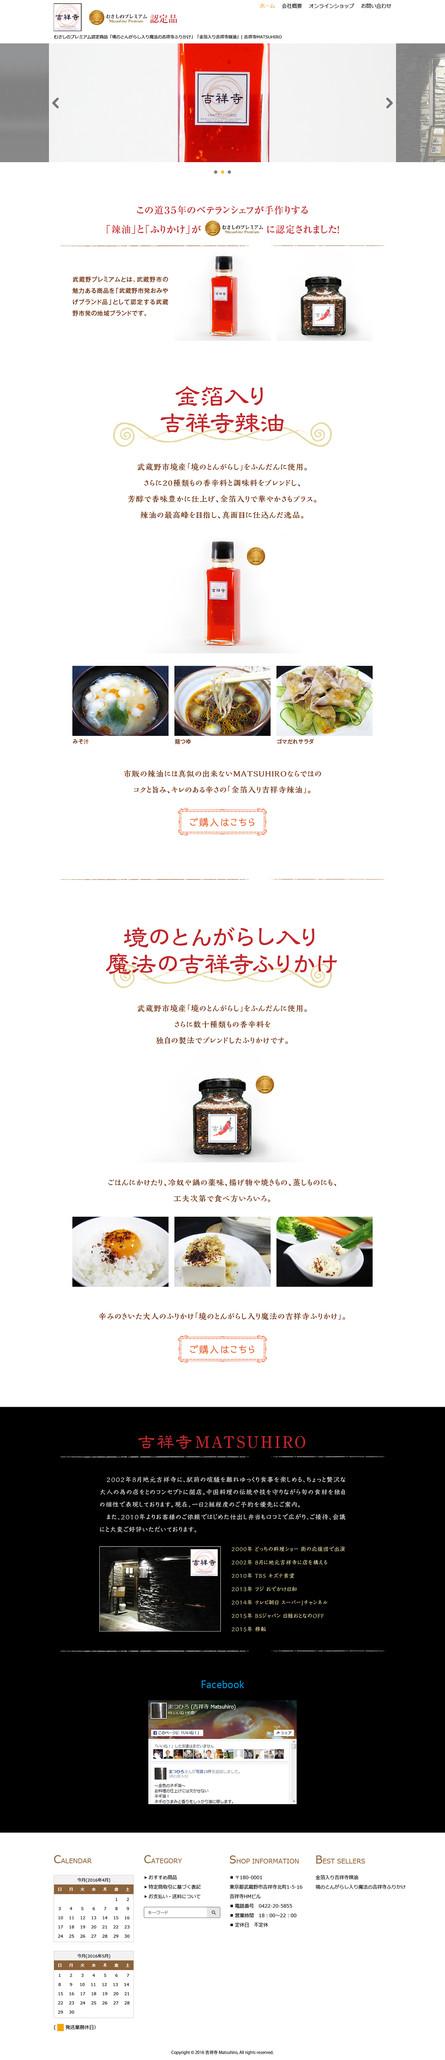 ホームページ制作会社|宮崎市|Webデザイン